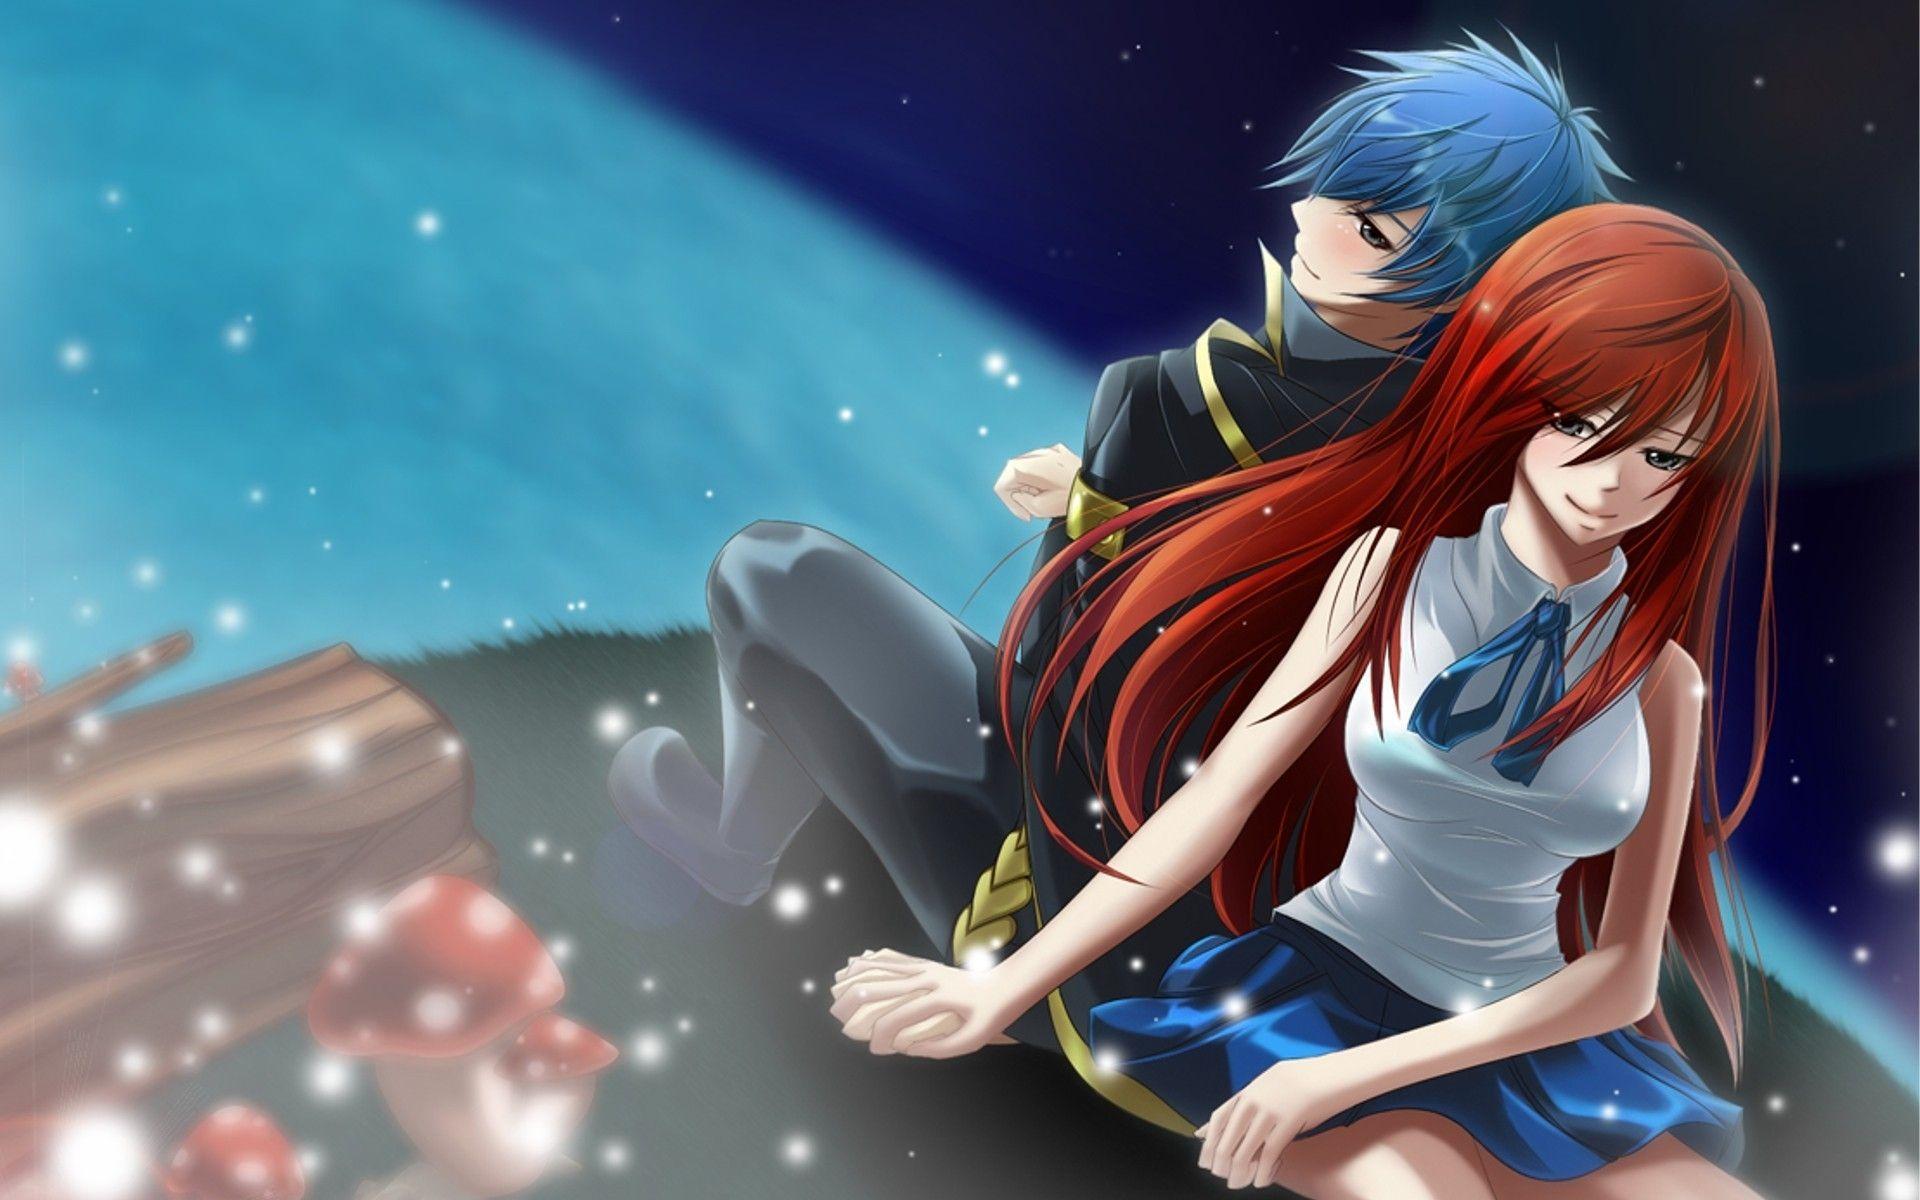 Fairy Tail Erza Jellal Wide Desktop Background wallpaper